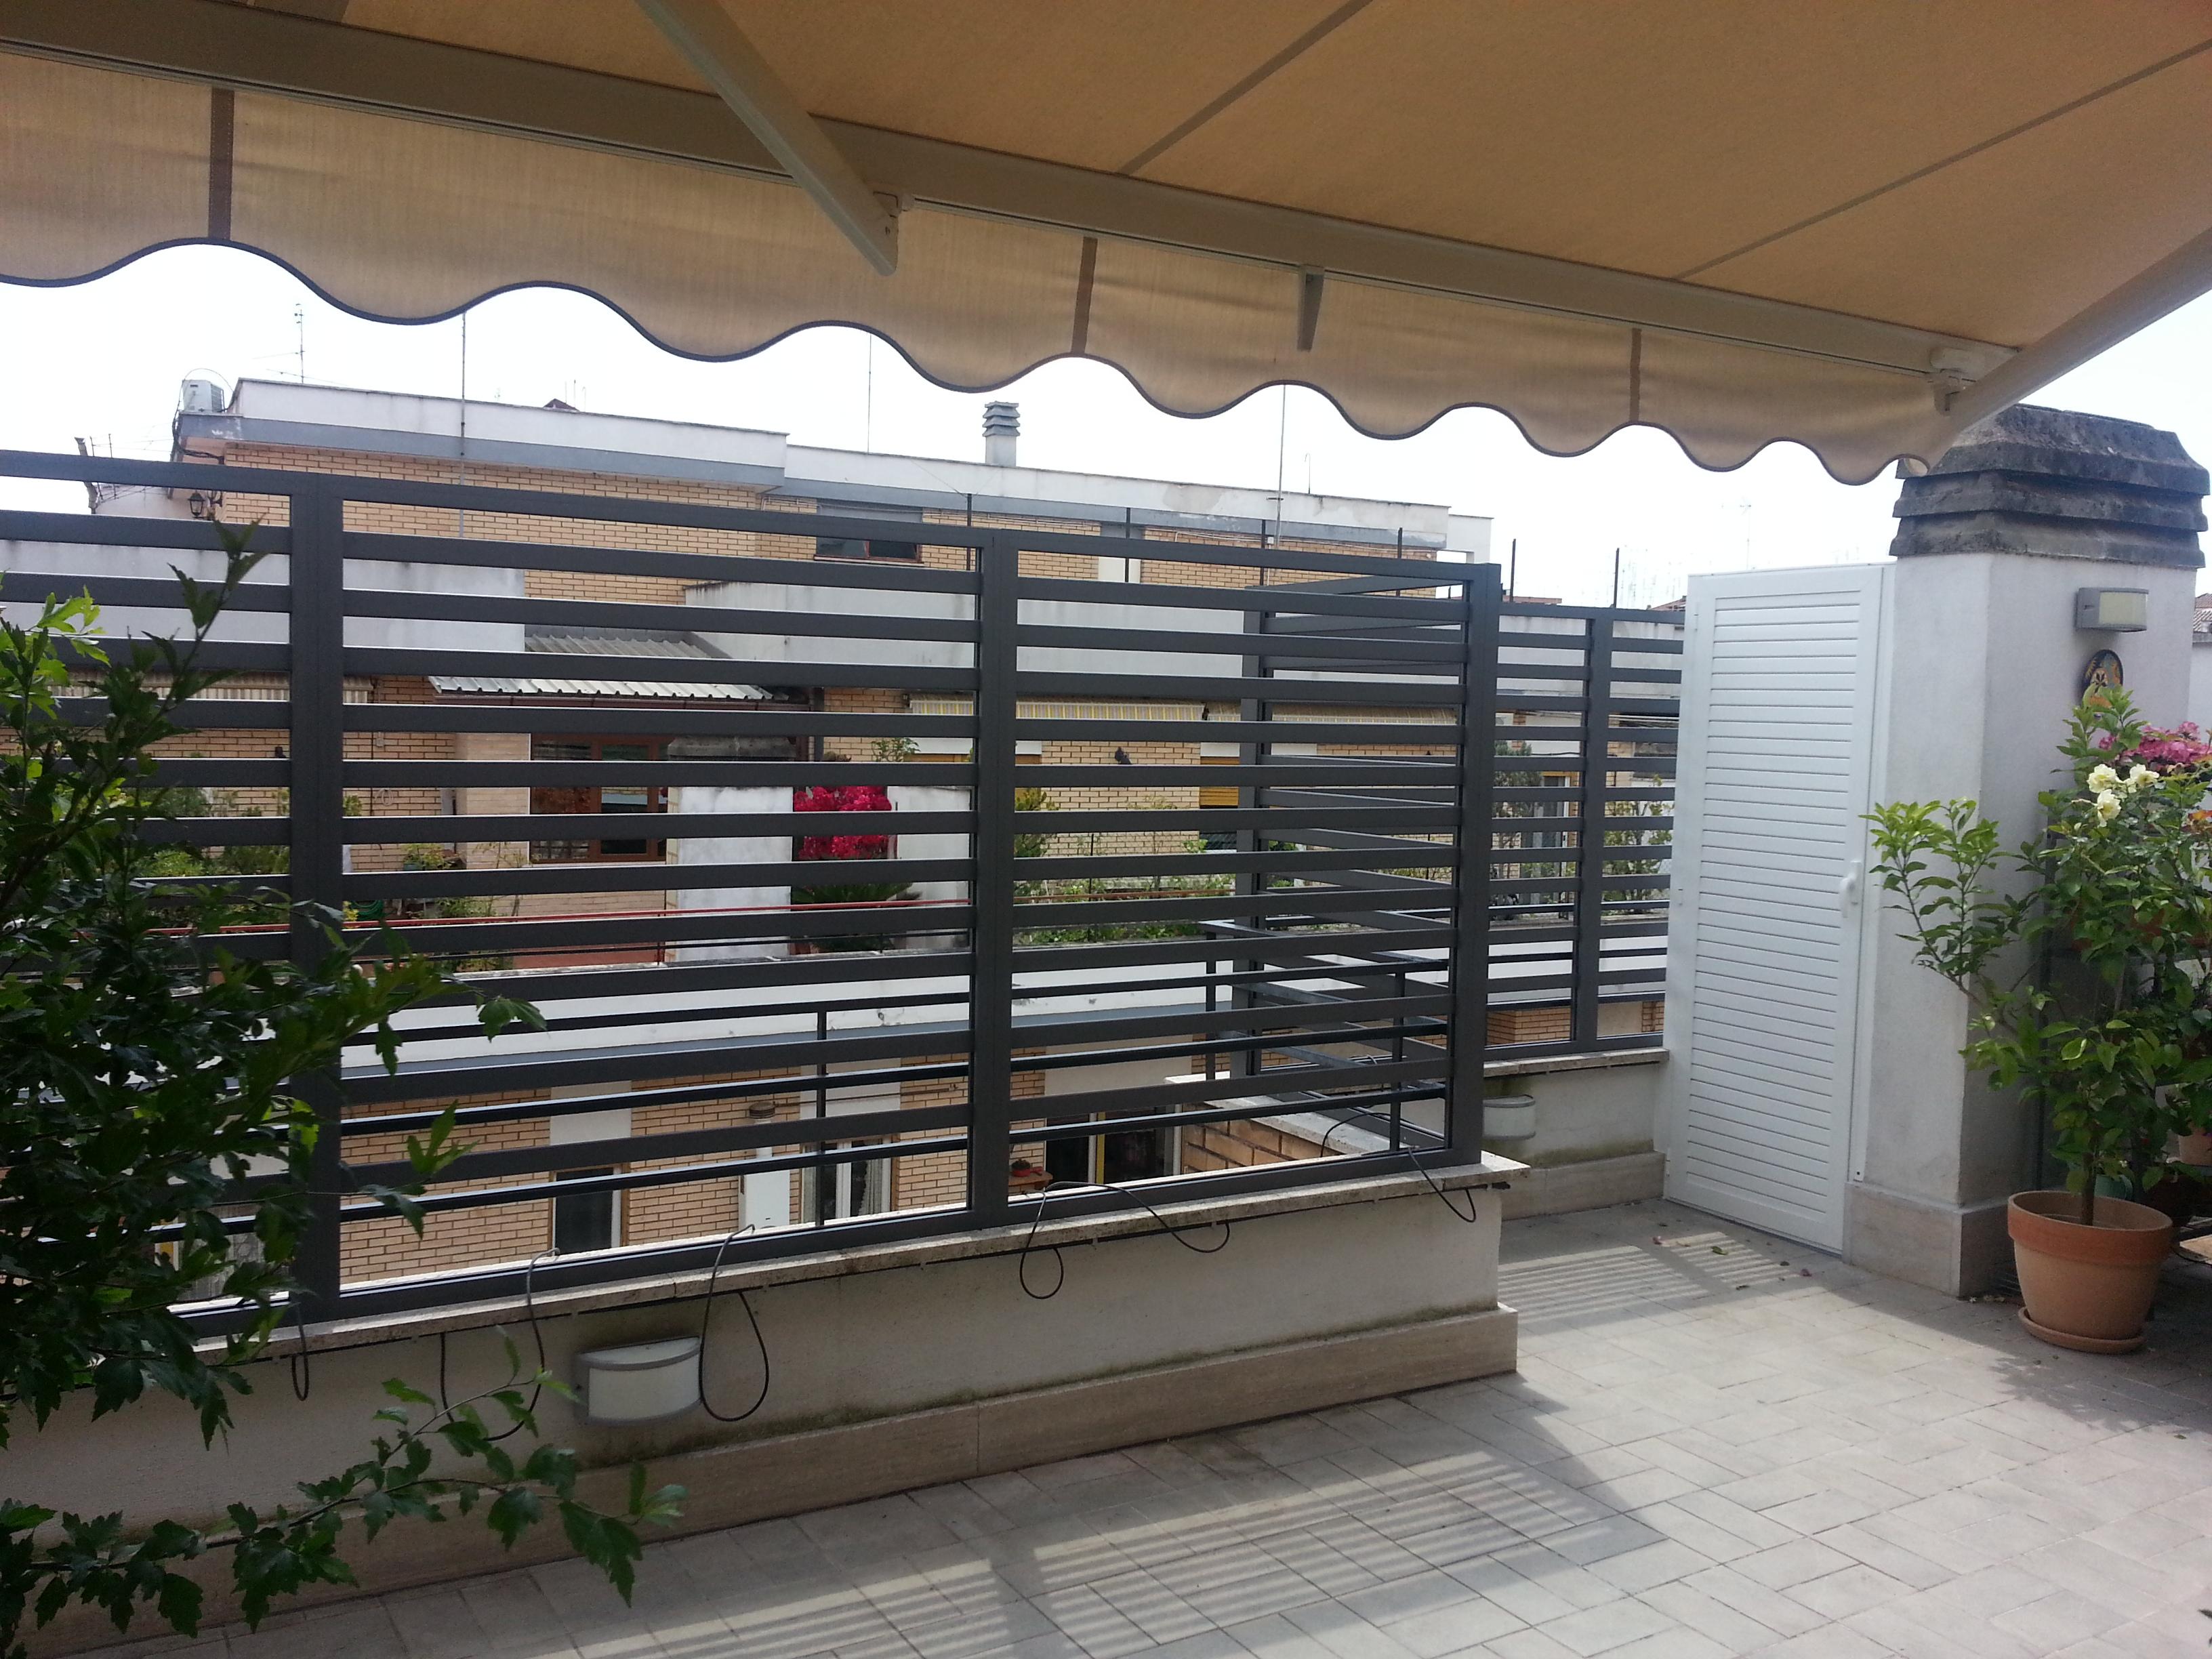 Fotografia di un Frangisole in alluminio verniciato grigio Raffaello, spazio di cm. 4 tra le doghe. Montaggio a Roma, quartiere Talenti.